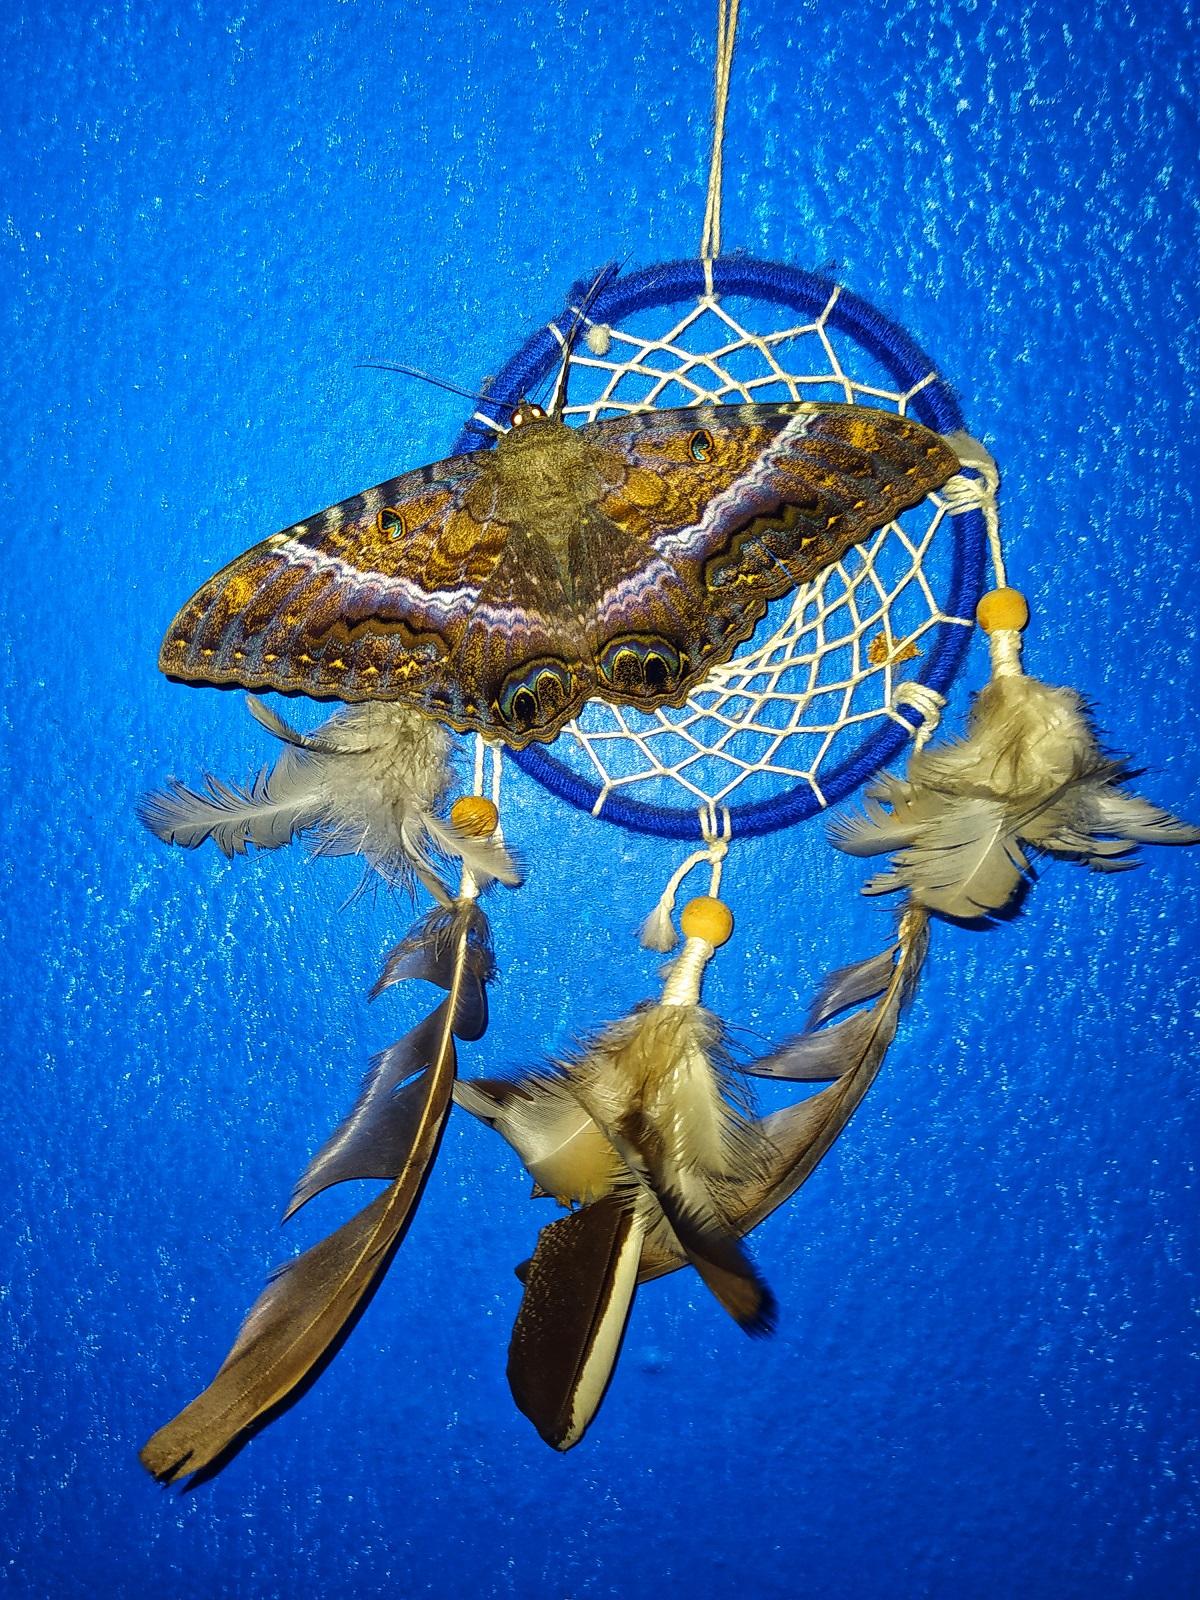 Photo couleur. Un papillon aux reflets chatoyants vient se poser sur un attrape-rêve bleu garni de plumes et de perles. Le fond (un mur ou une vitre opaque) est d'un bleu soutenu.